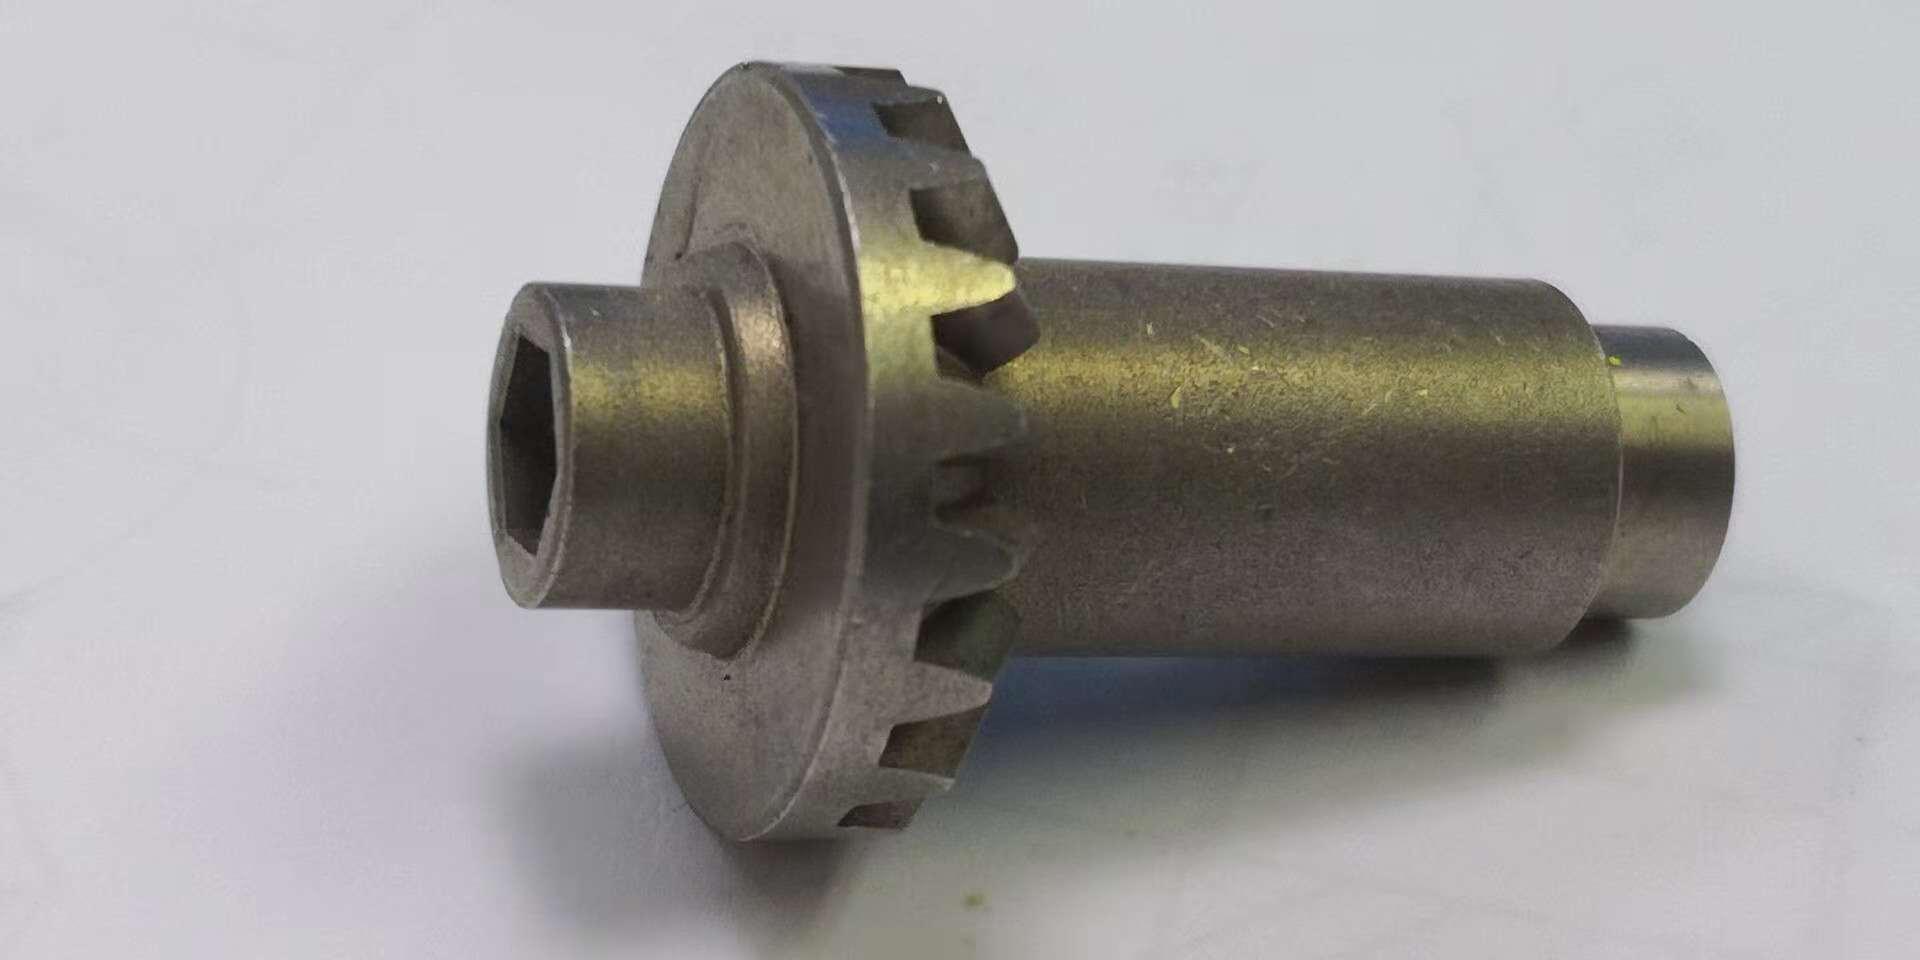 粉末冶金高温合金_「粉末冶金齿轮」粉末冶金材料热处理的影响因素-技术知识